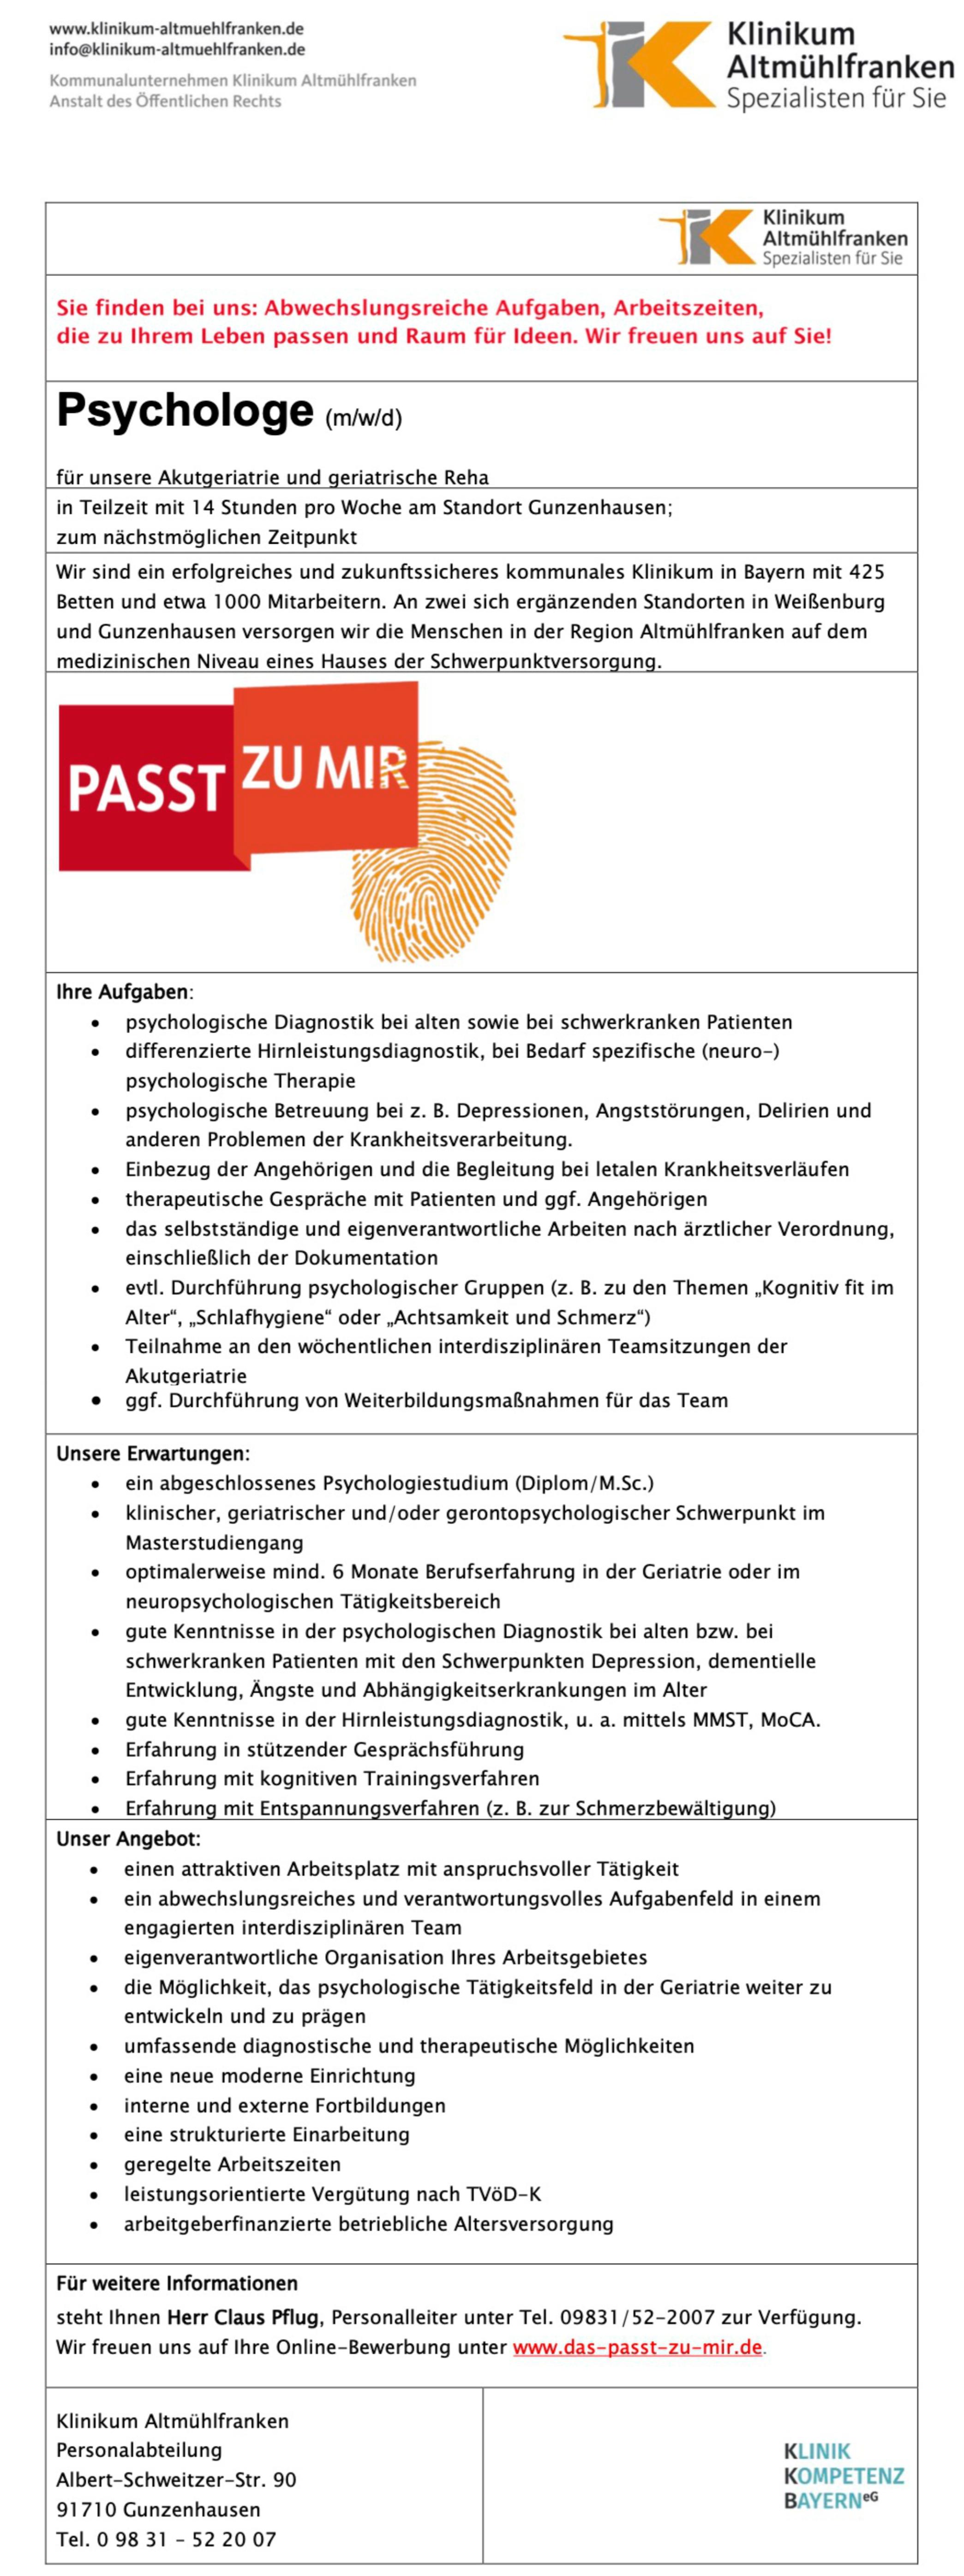 Psychologe (m/w/d) für unsere Akutgeriatrie und geriatrische Reha